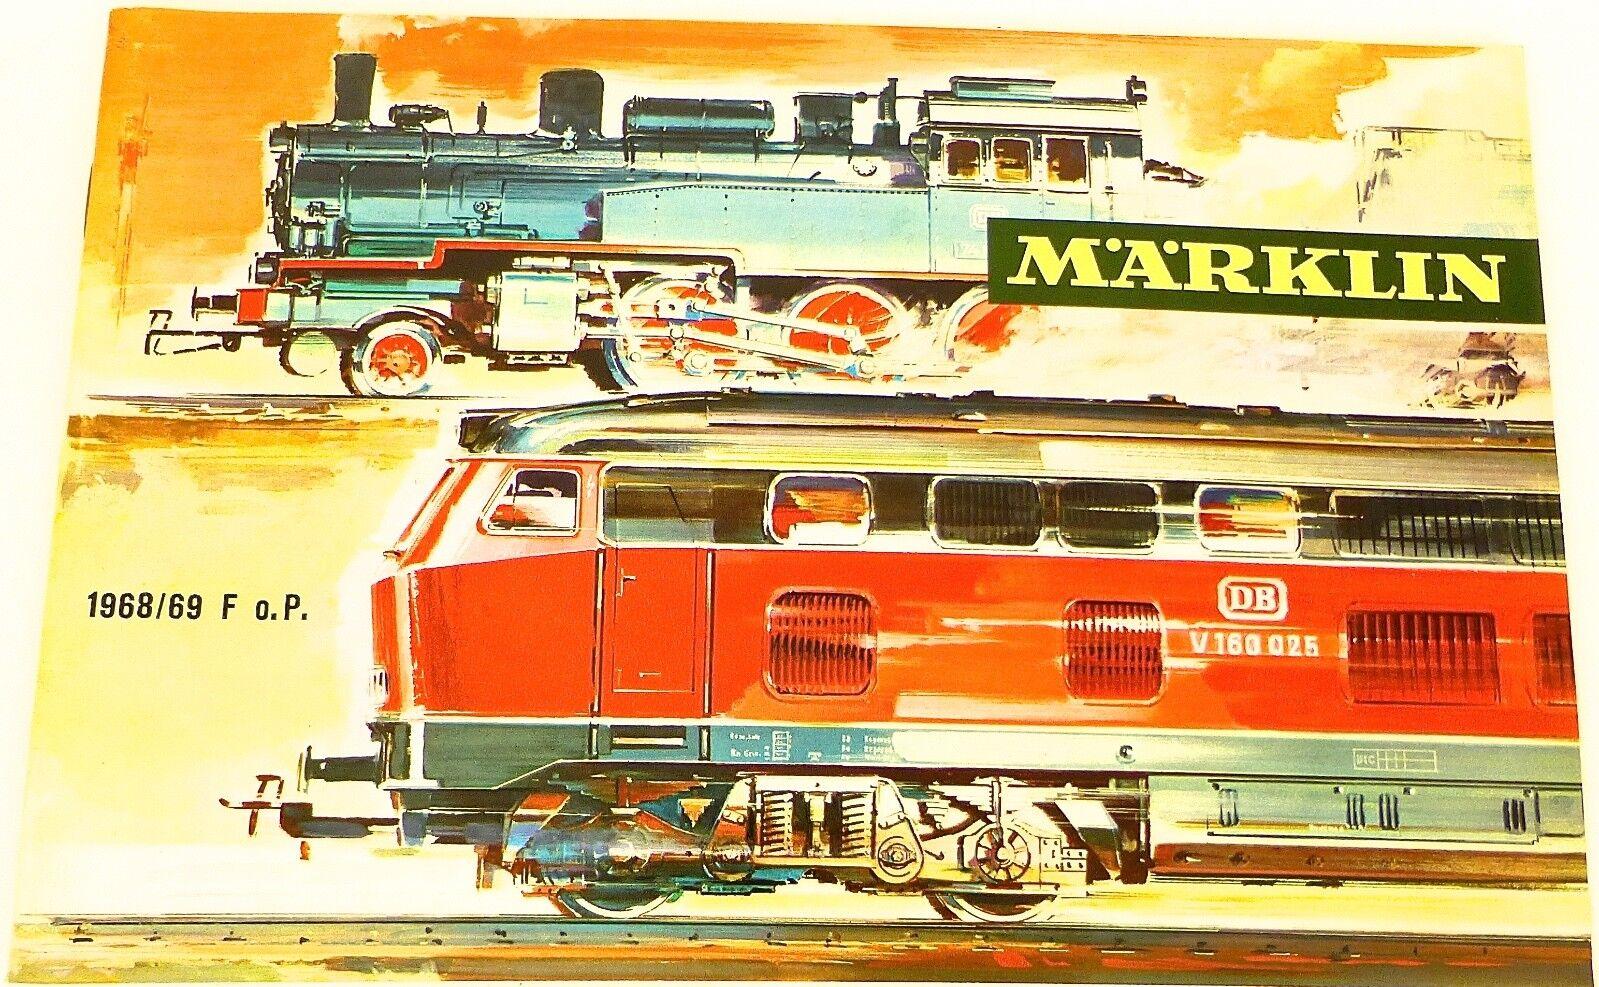 1968 69 F O.P. Märklin Catalog French France Excellent condition å